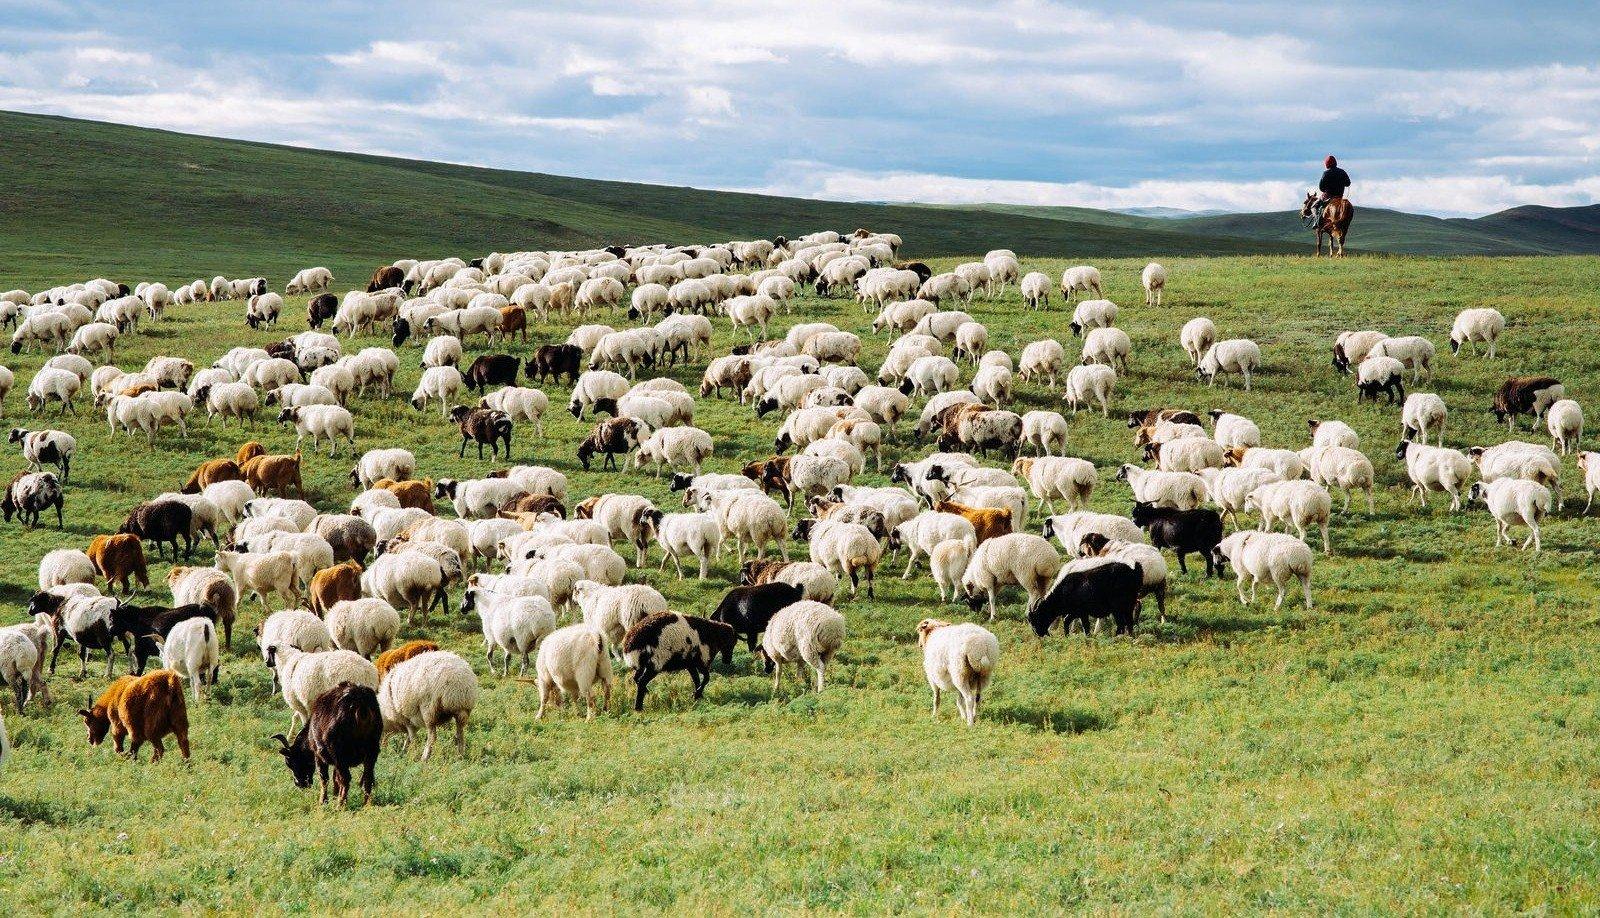 хонь-н зурган илэрц